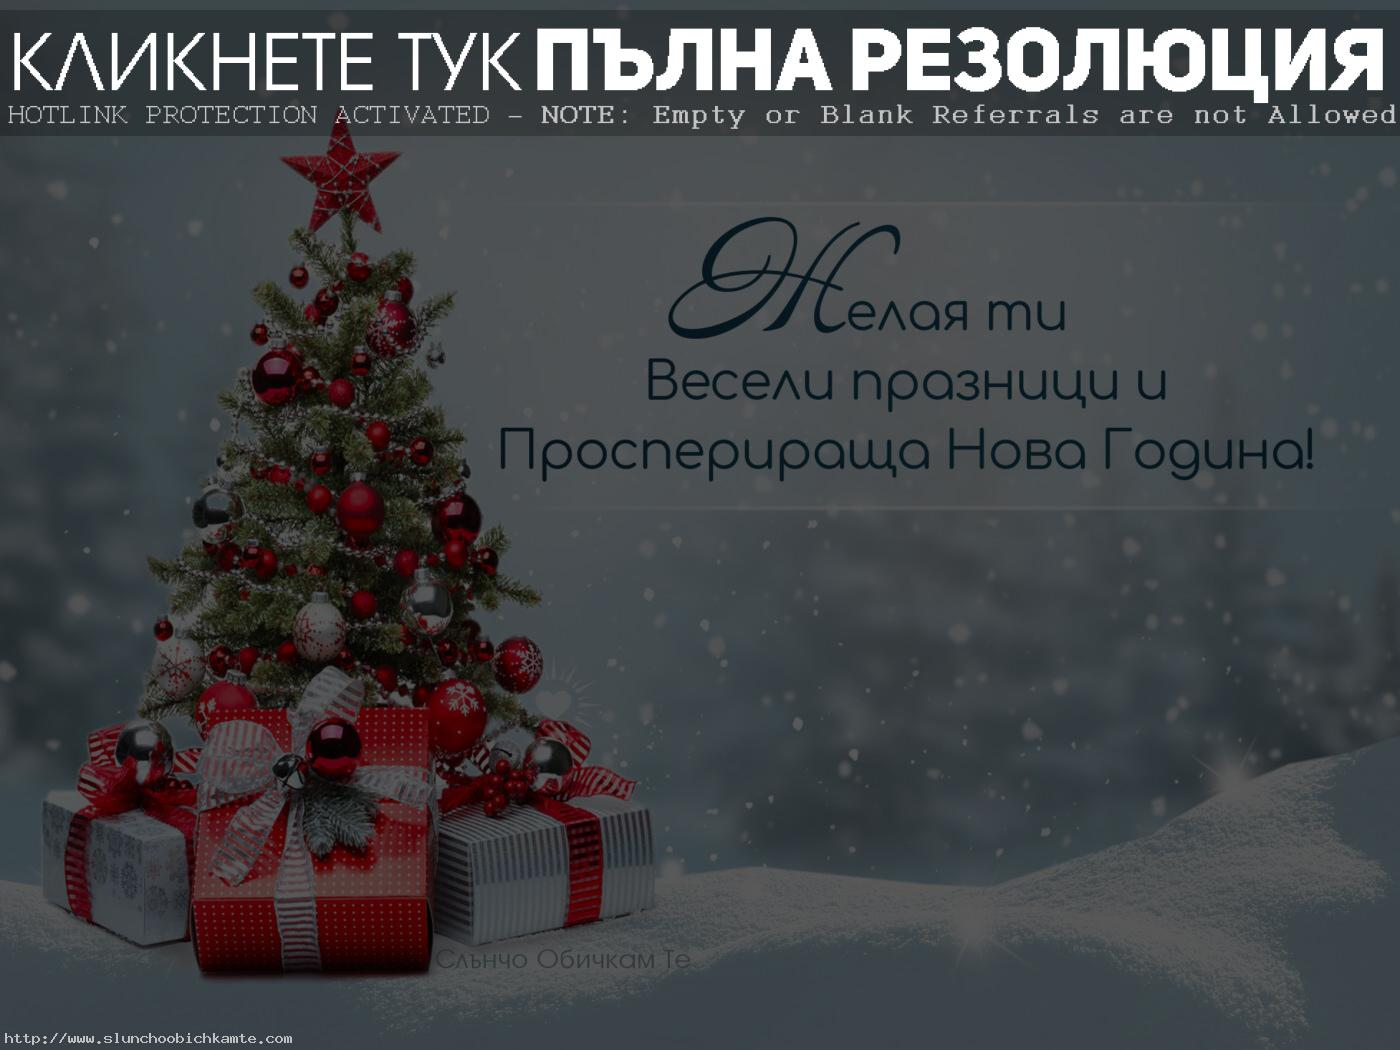 Коледни и новогодишни картички - Весела Коледа 2020 и честита нова година 2021, весели празници, щастлива коледа, успешна нова година